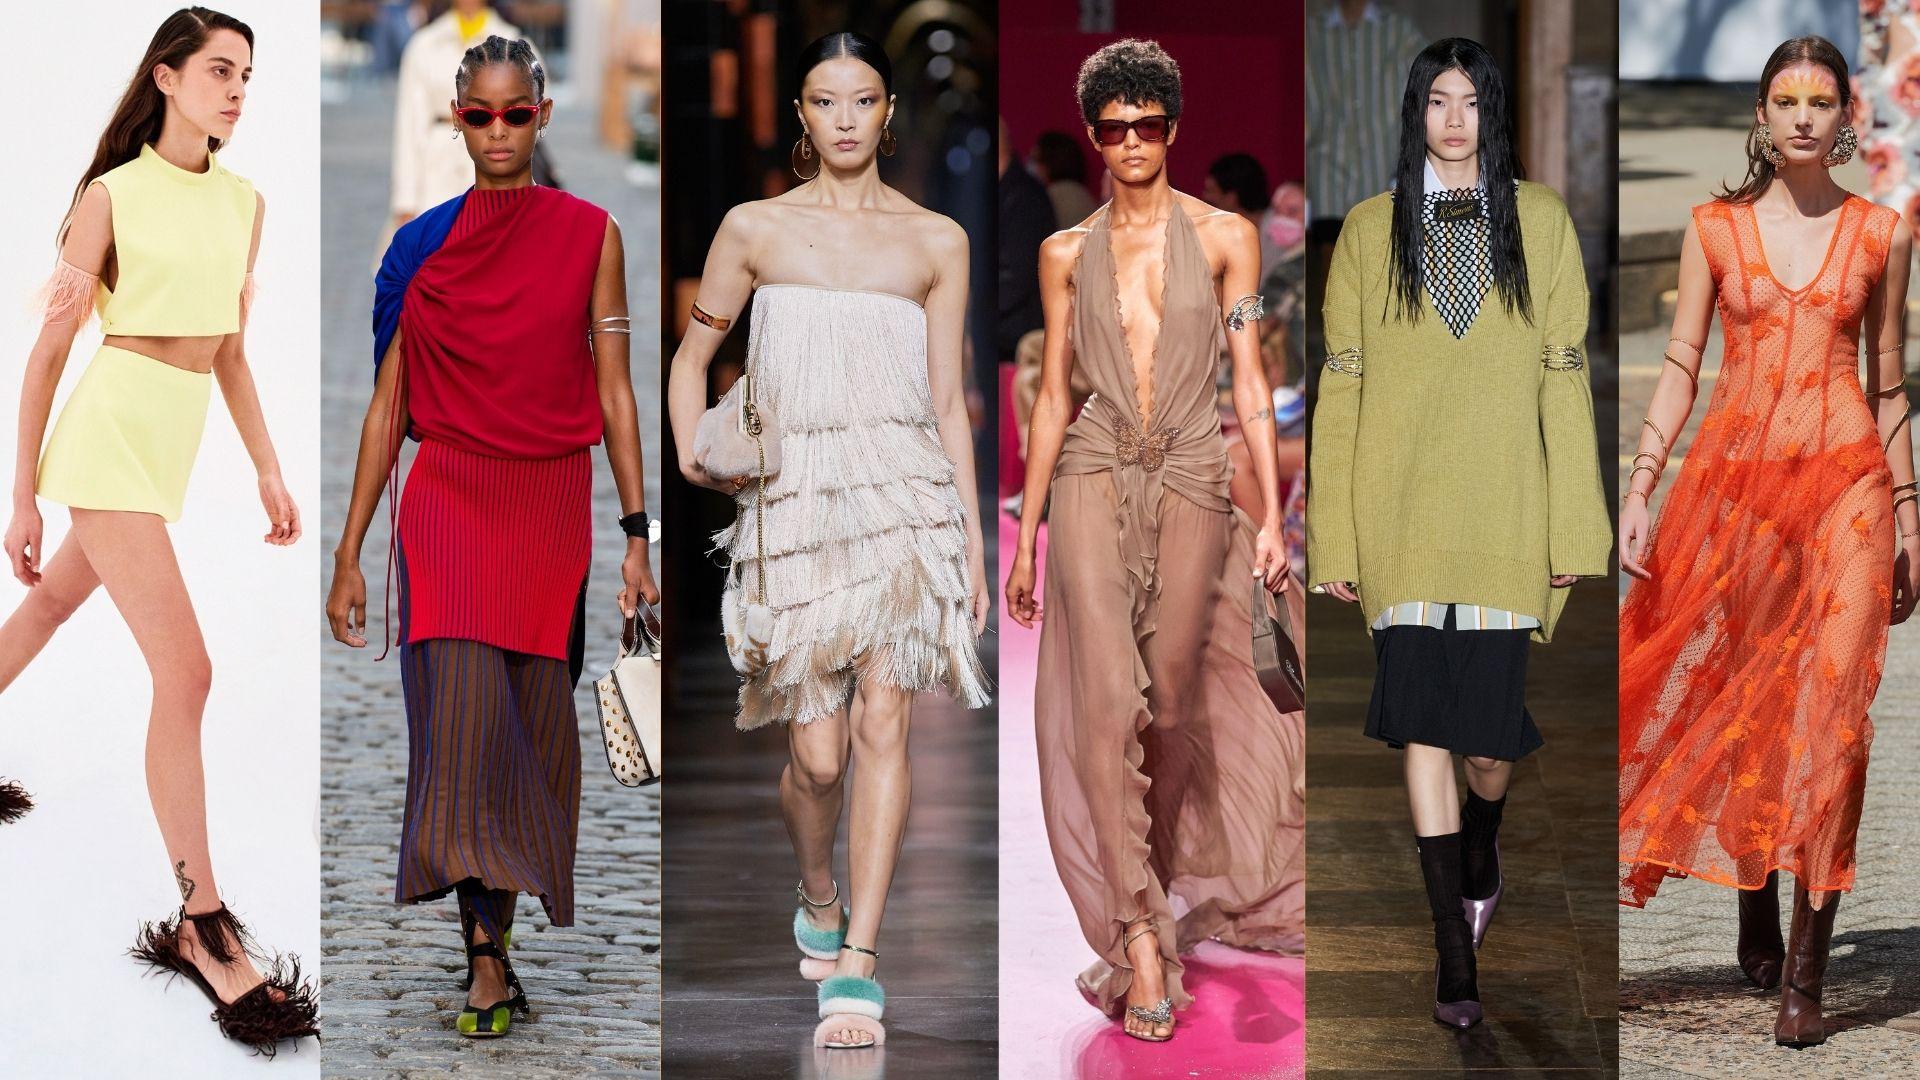 De gauche à droite : Collections printemps-été 2022 Emilio Pucci, Tory Burch, Fendi, Blumarine, Raf Simons, Rodarte